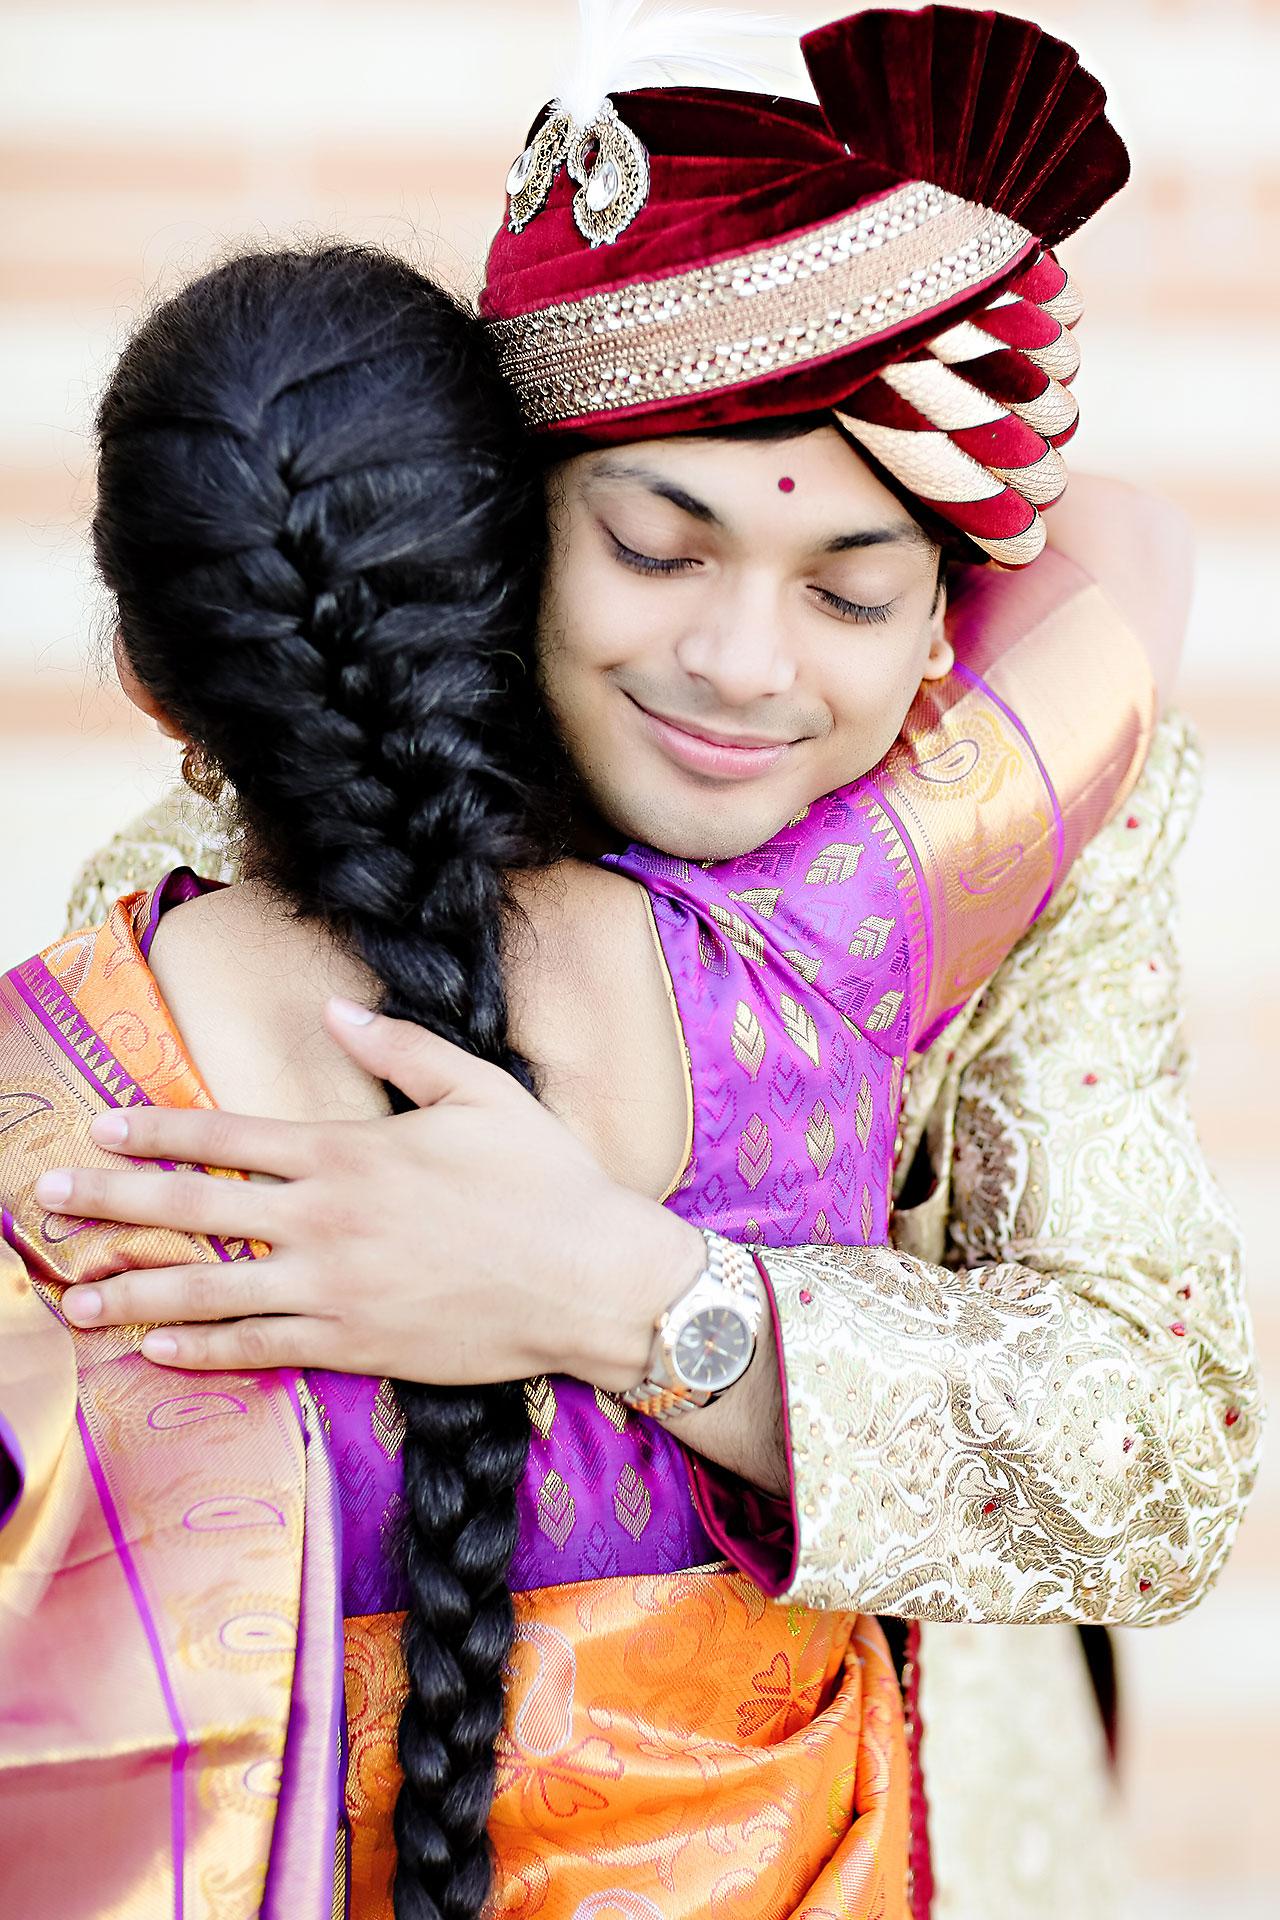 Joie Nikhil JW Marriott Indian Wedding 100